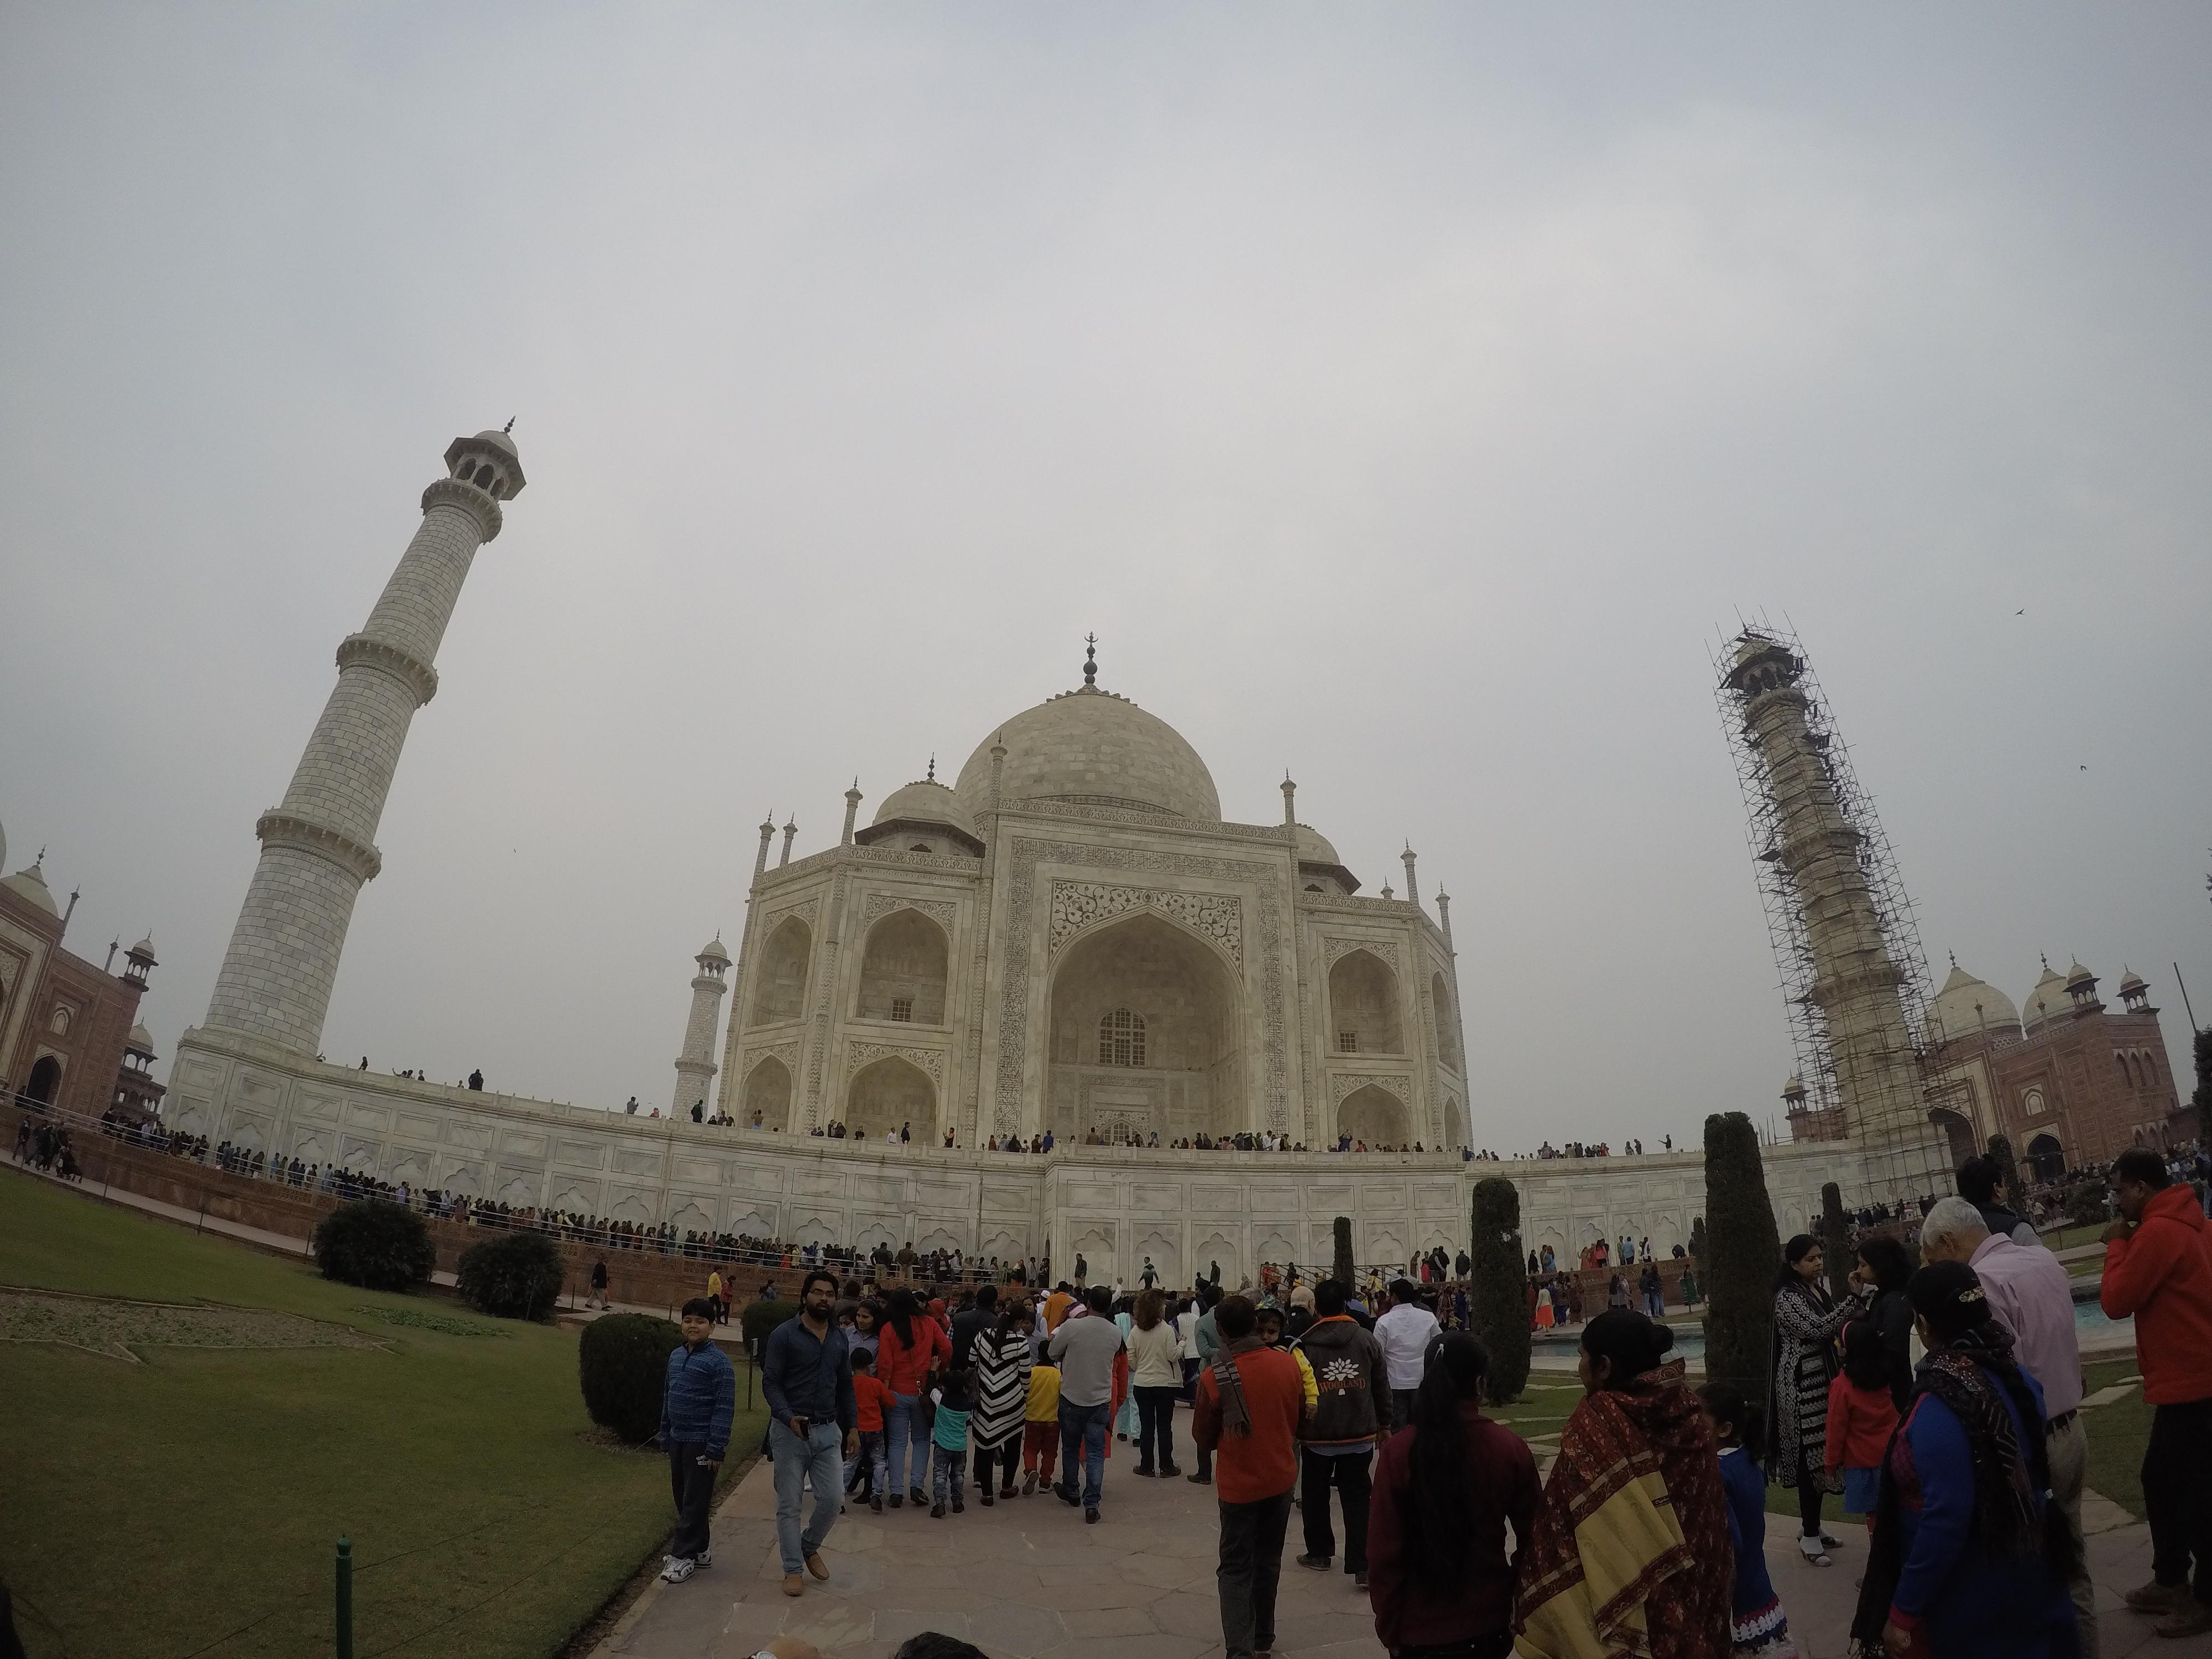 I went to India!